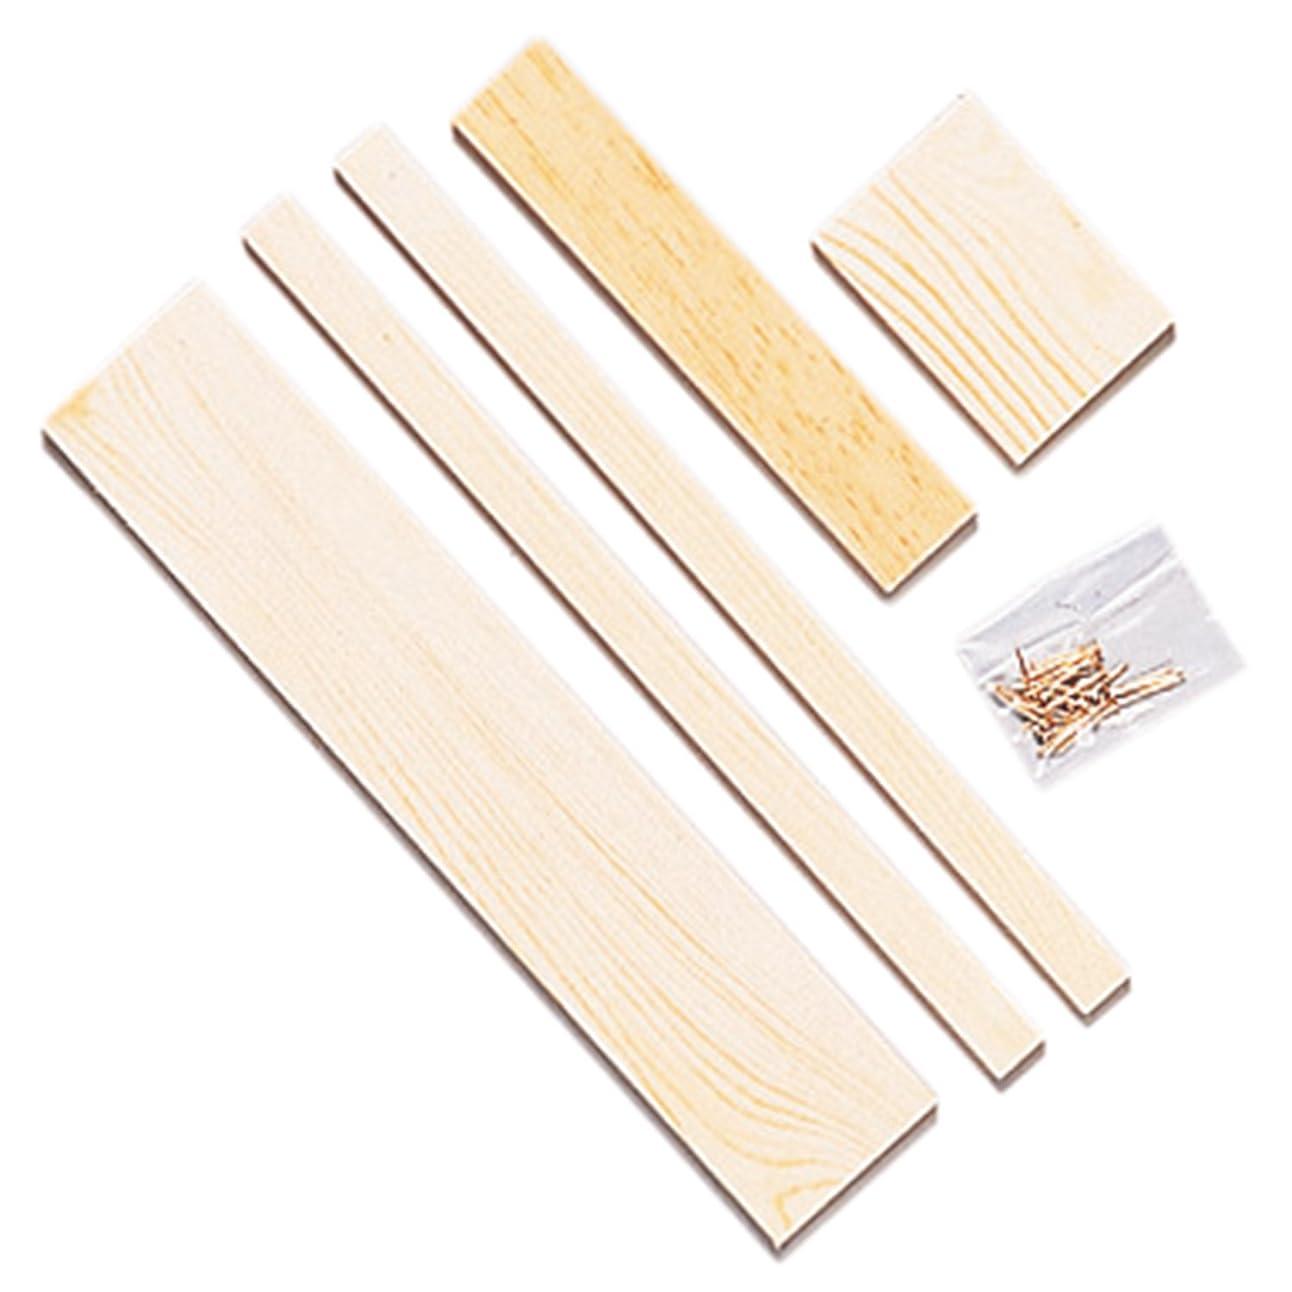 強化する初期のベリーサンモク 木工キット 石けん入れ 9103915